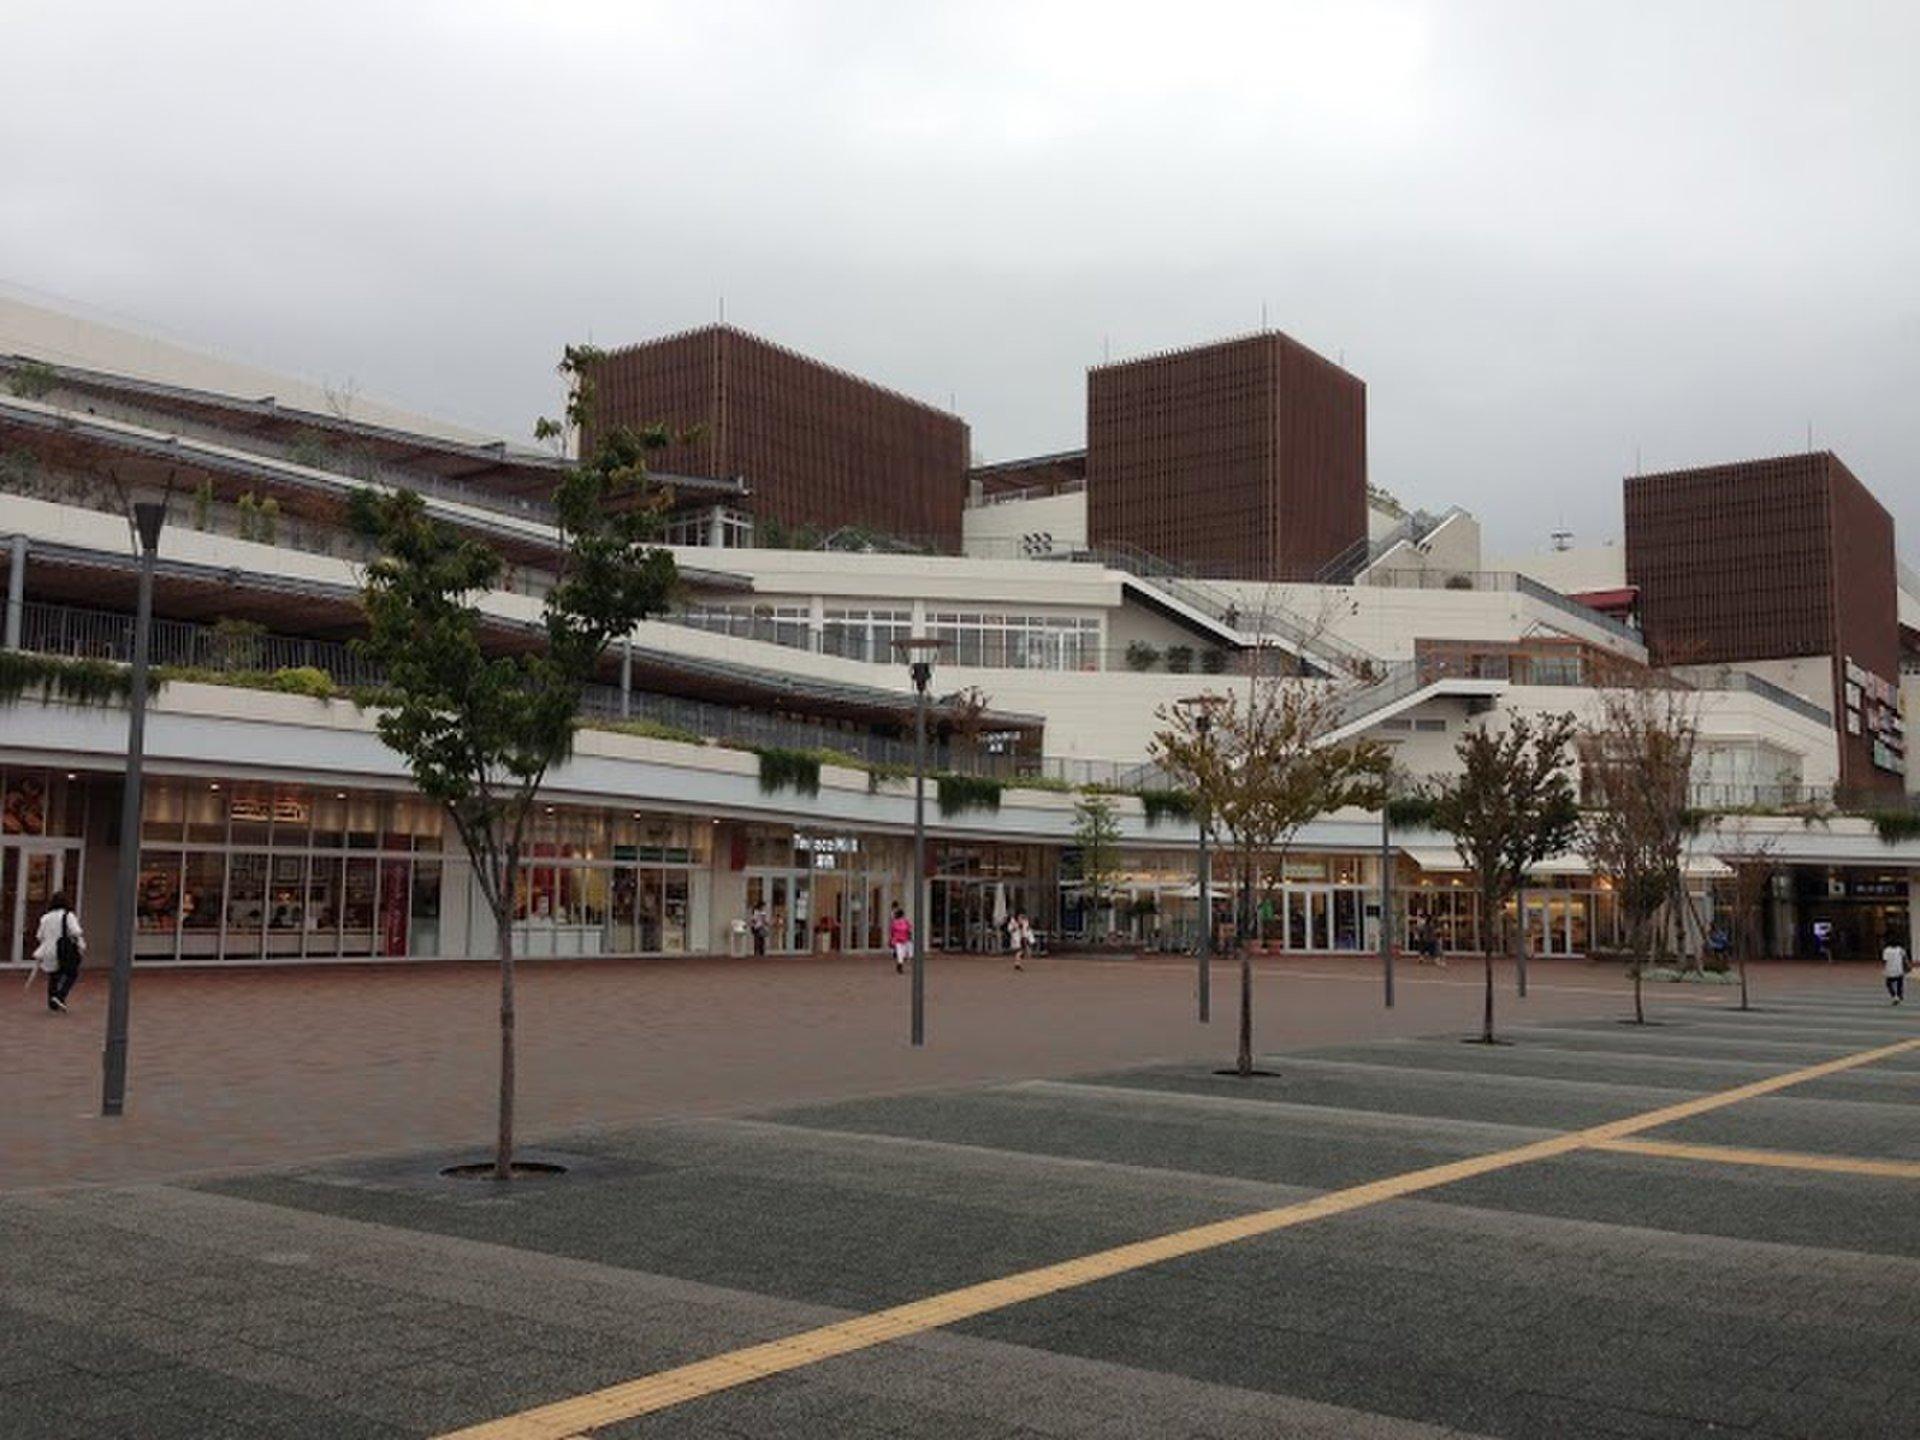 雨の日の屋内デートには湘南テラスモールがおすすめ!駅から直結で買い物デートや映画観賞!